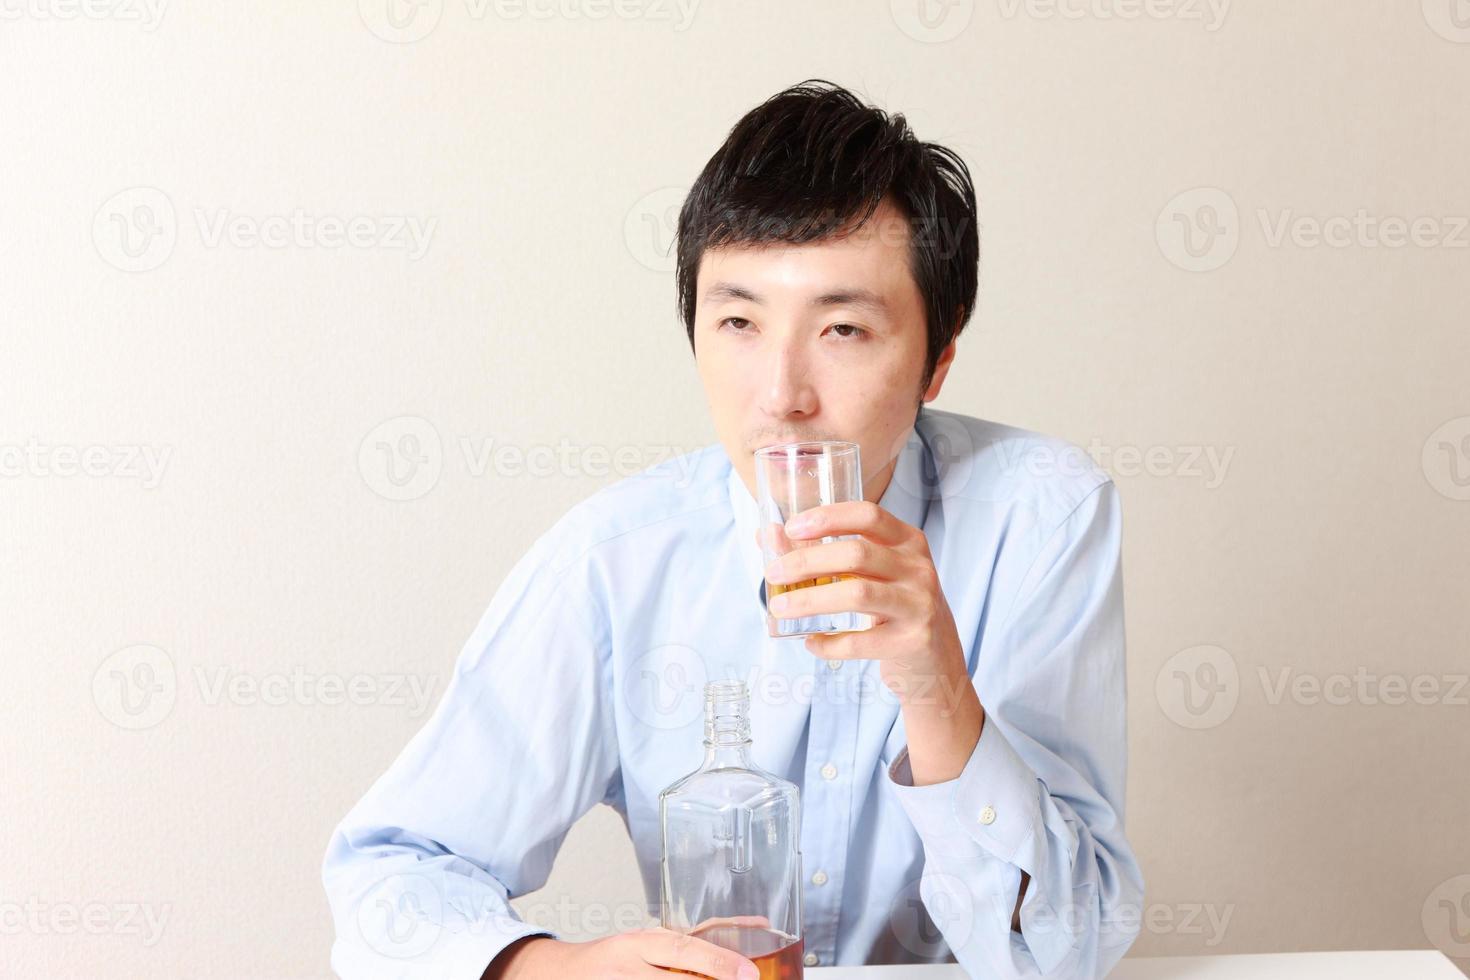 homme japonais boit beaucoup photo